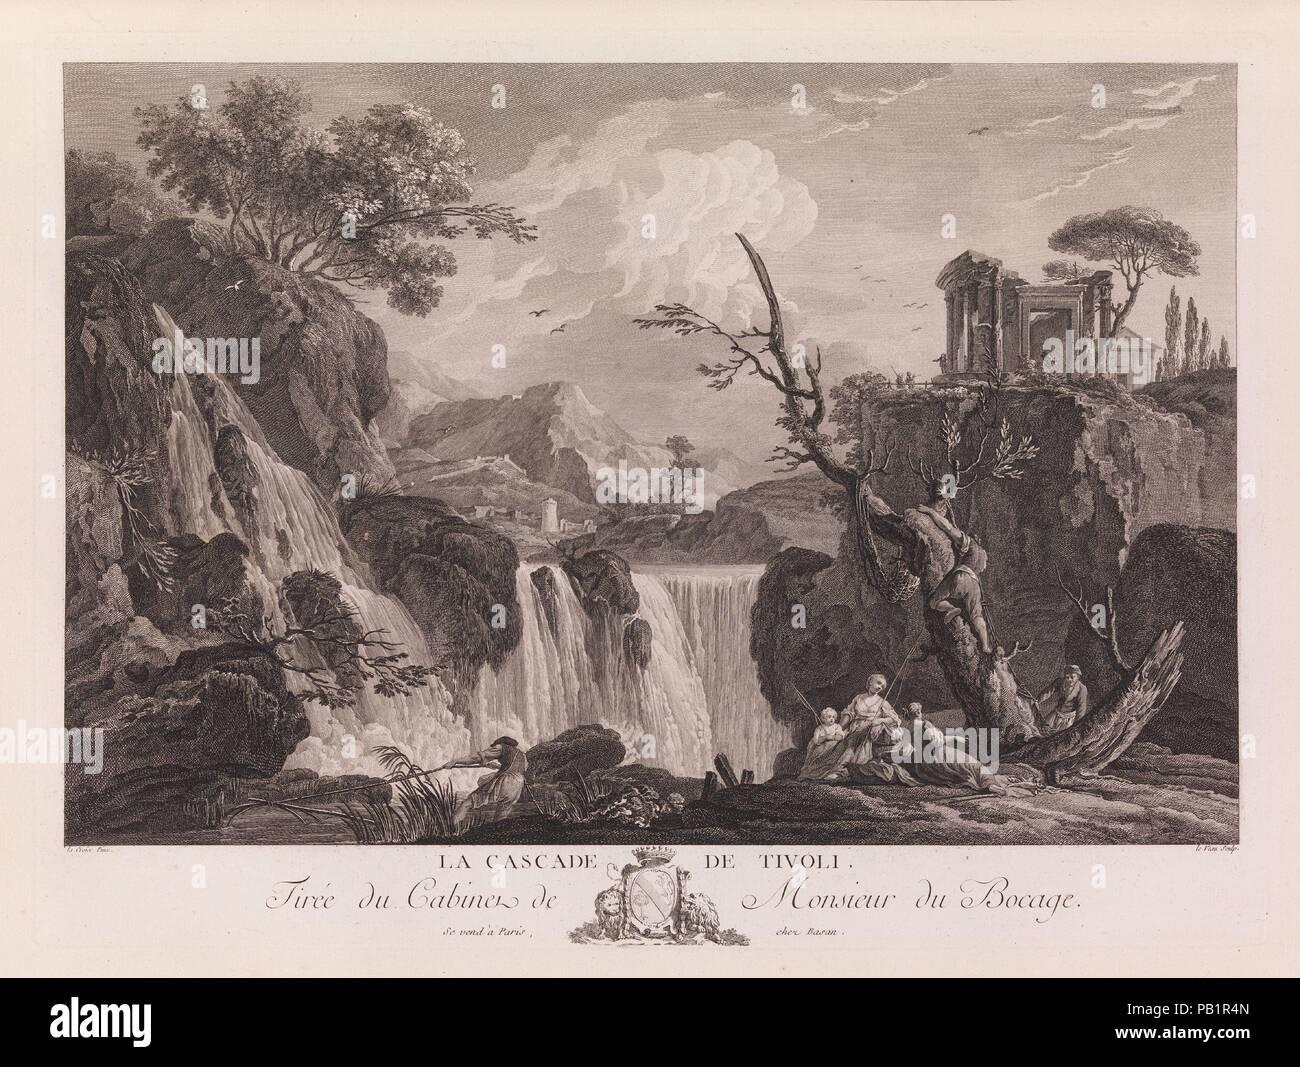 Oeuvres de Joseph Vernet...puertos buzos representant de mer en France et d'Italie. Diseñador: Diseñado por Joseph Vernet (Francés, Avignon París 1714-1789). Dimensiones: total: 24 13/16 x 19 11/16 x 2 9/16 in. (63 x 50 x 6,5 cm). Grabador: Charles Nicolas Cochin II (francés, París París 1715-1790) ; (pls. 81-198); Jacques Philippe Le Bas (francés, París París 1707-1783) ; (pls. 8,9,11,13,69-70,71-72,81-108); Jacques Aliamet (Francés, Abbeville París 1726-1788) ; (pls. 30,38,39,40,41,42,43,47); A. D. (Francés, activo, siglo xviii) ; (pls. 51,52); F. Basan ; (pls. 1,2); Pedro Pablo Benazech (British, c Foto de stock